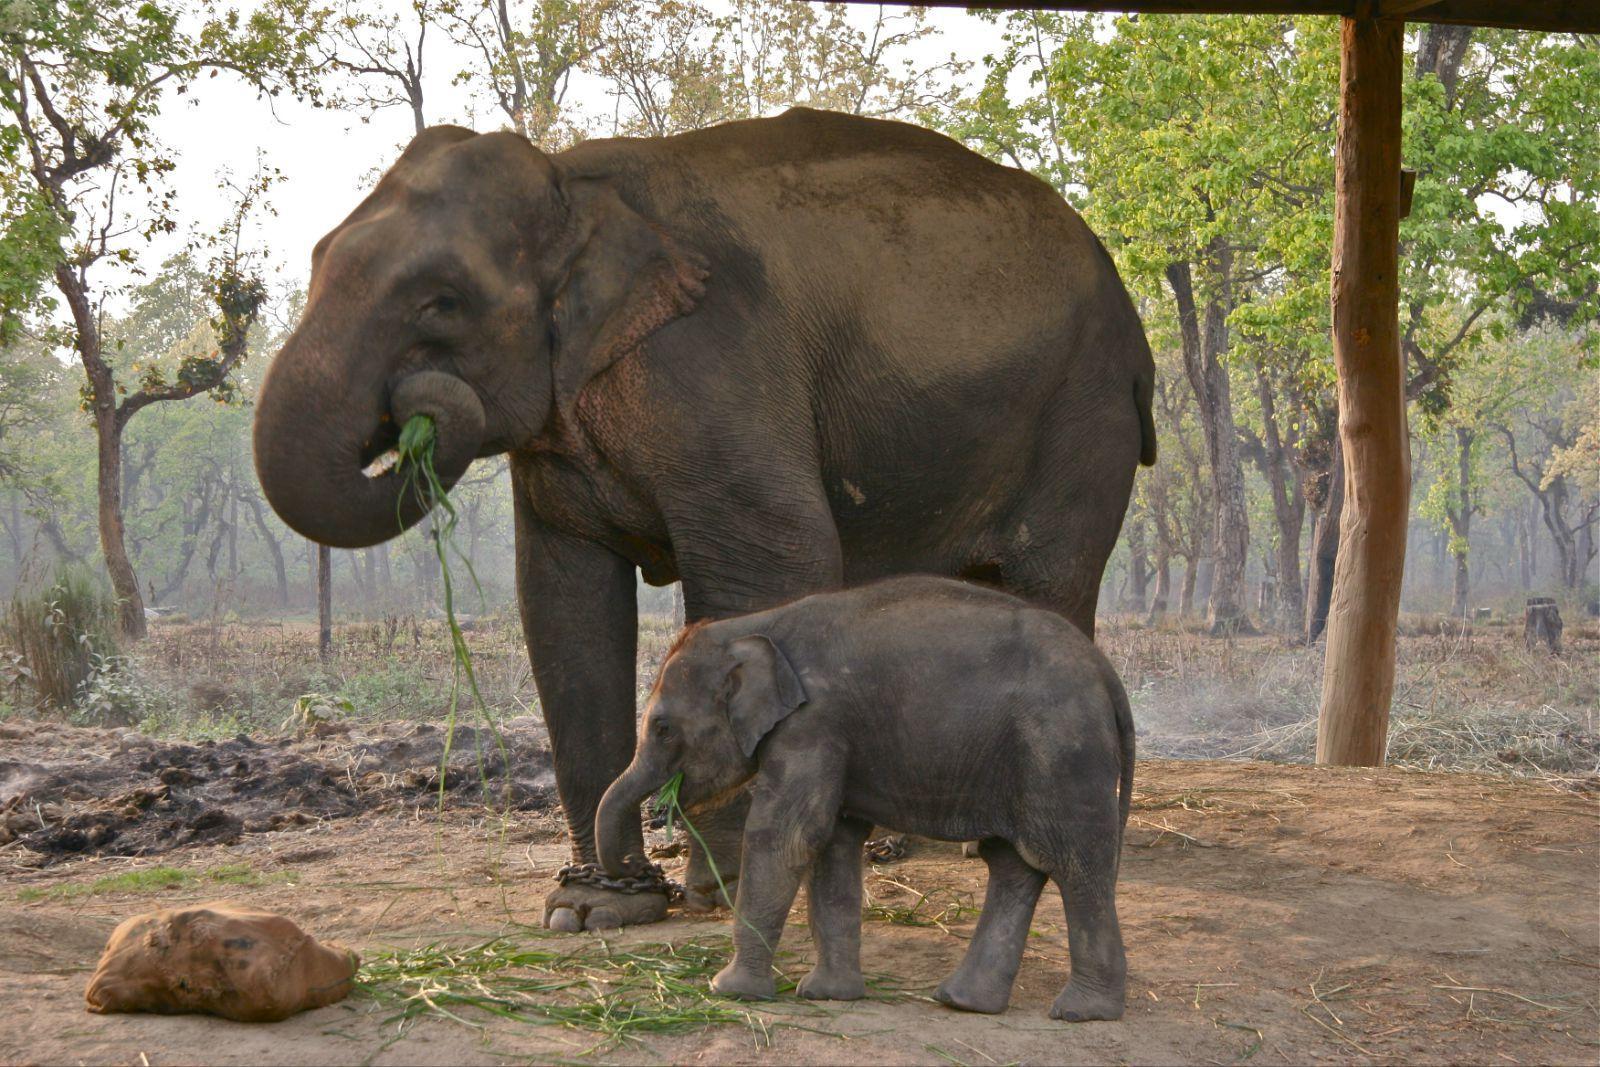 大象在大多数时间里都在吃草.图片